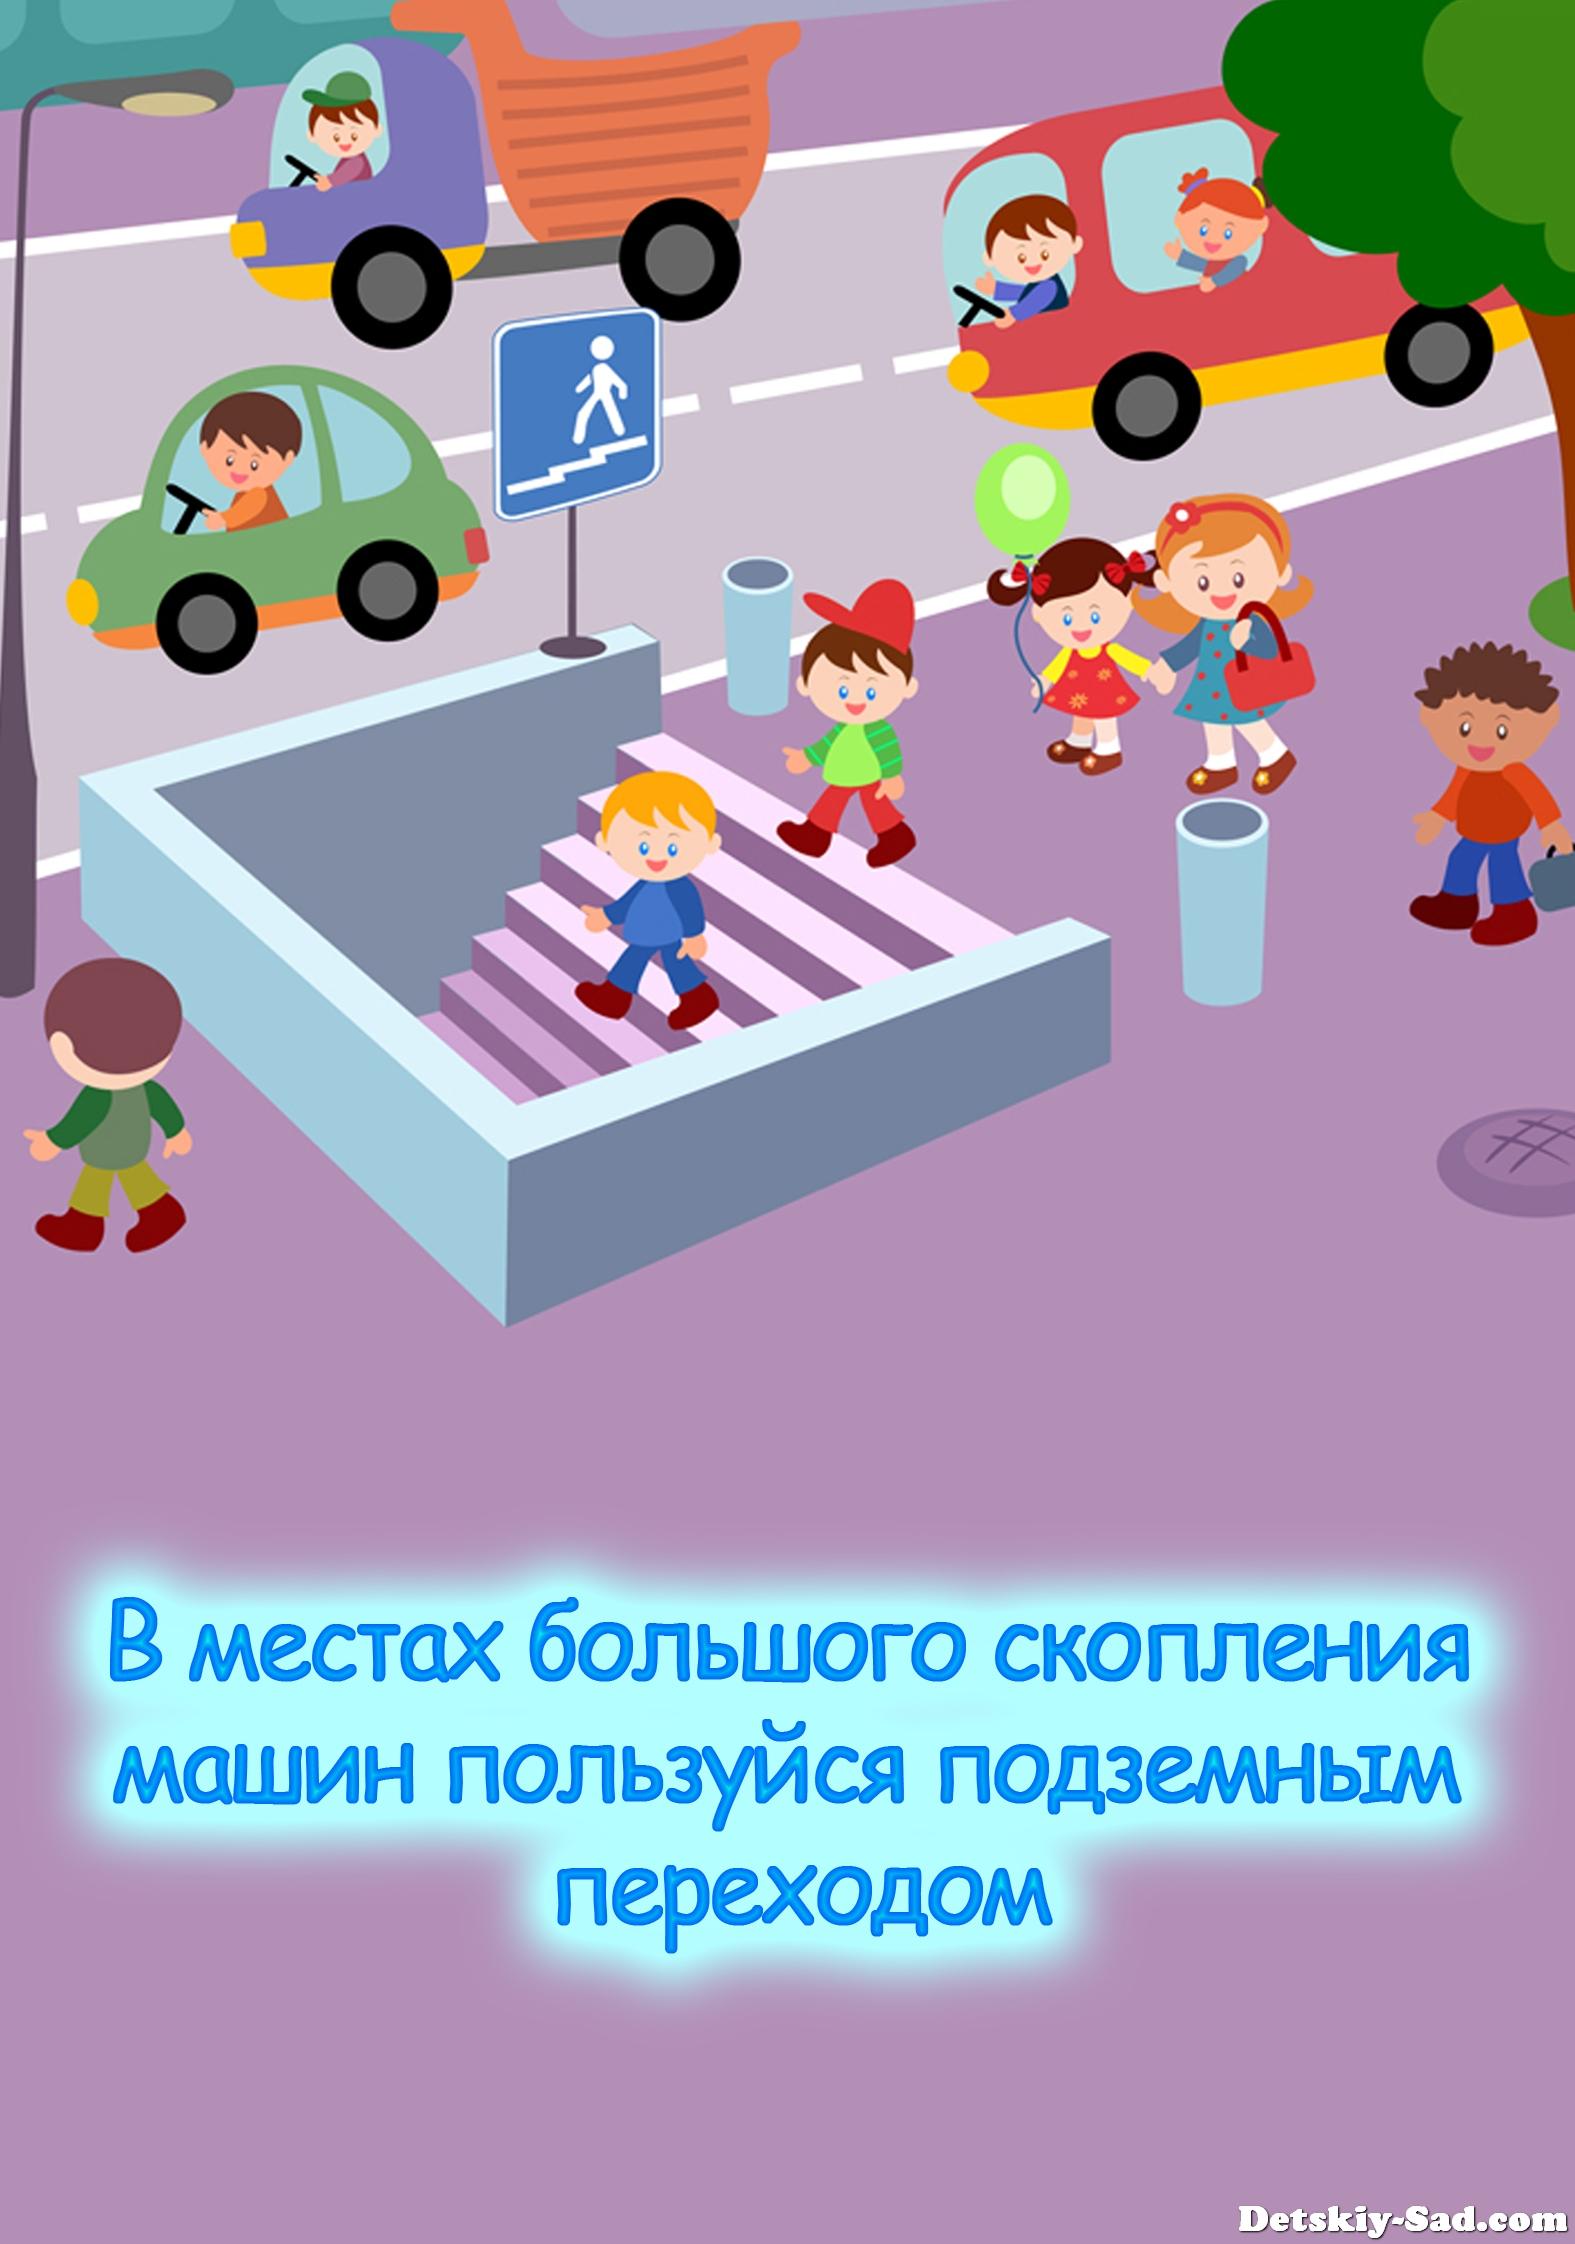 Ситуации для детского конкурса